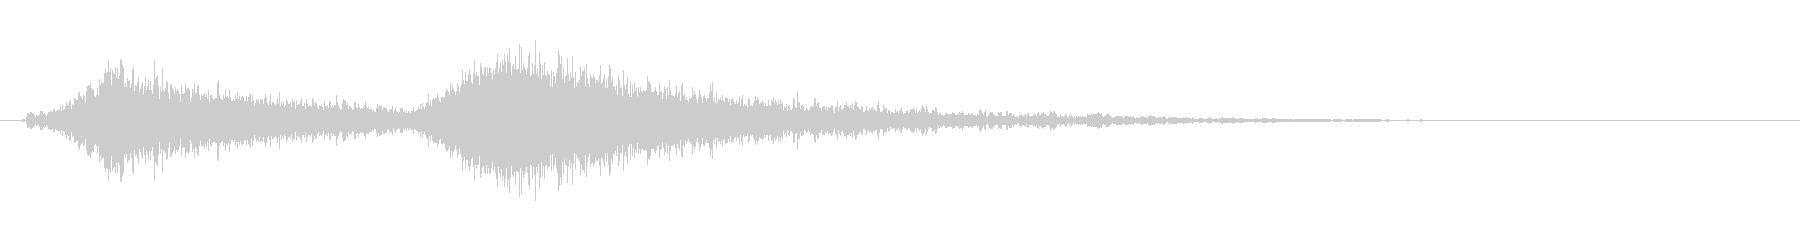 [生録音]電動モーターが短く回る(2回)の未再生の波形